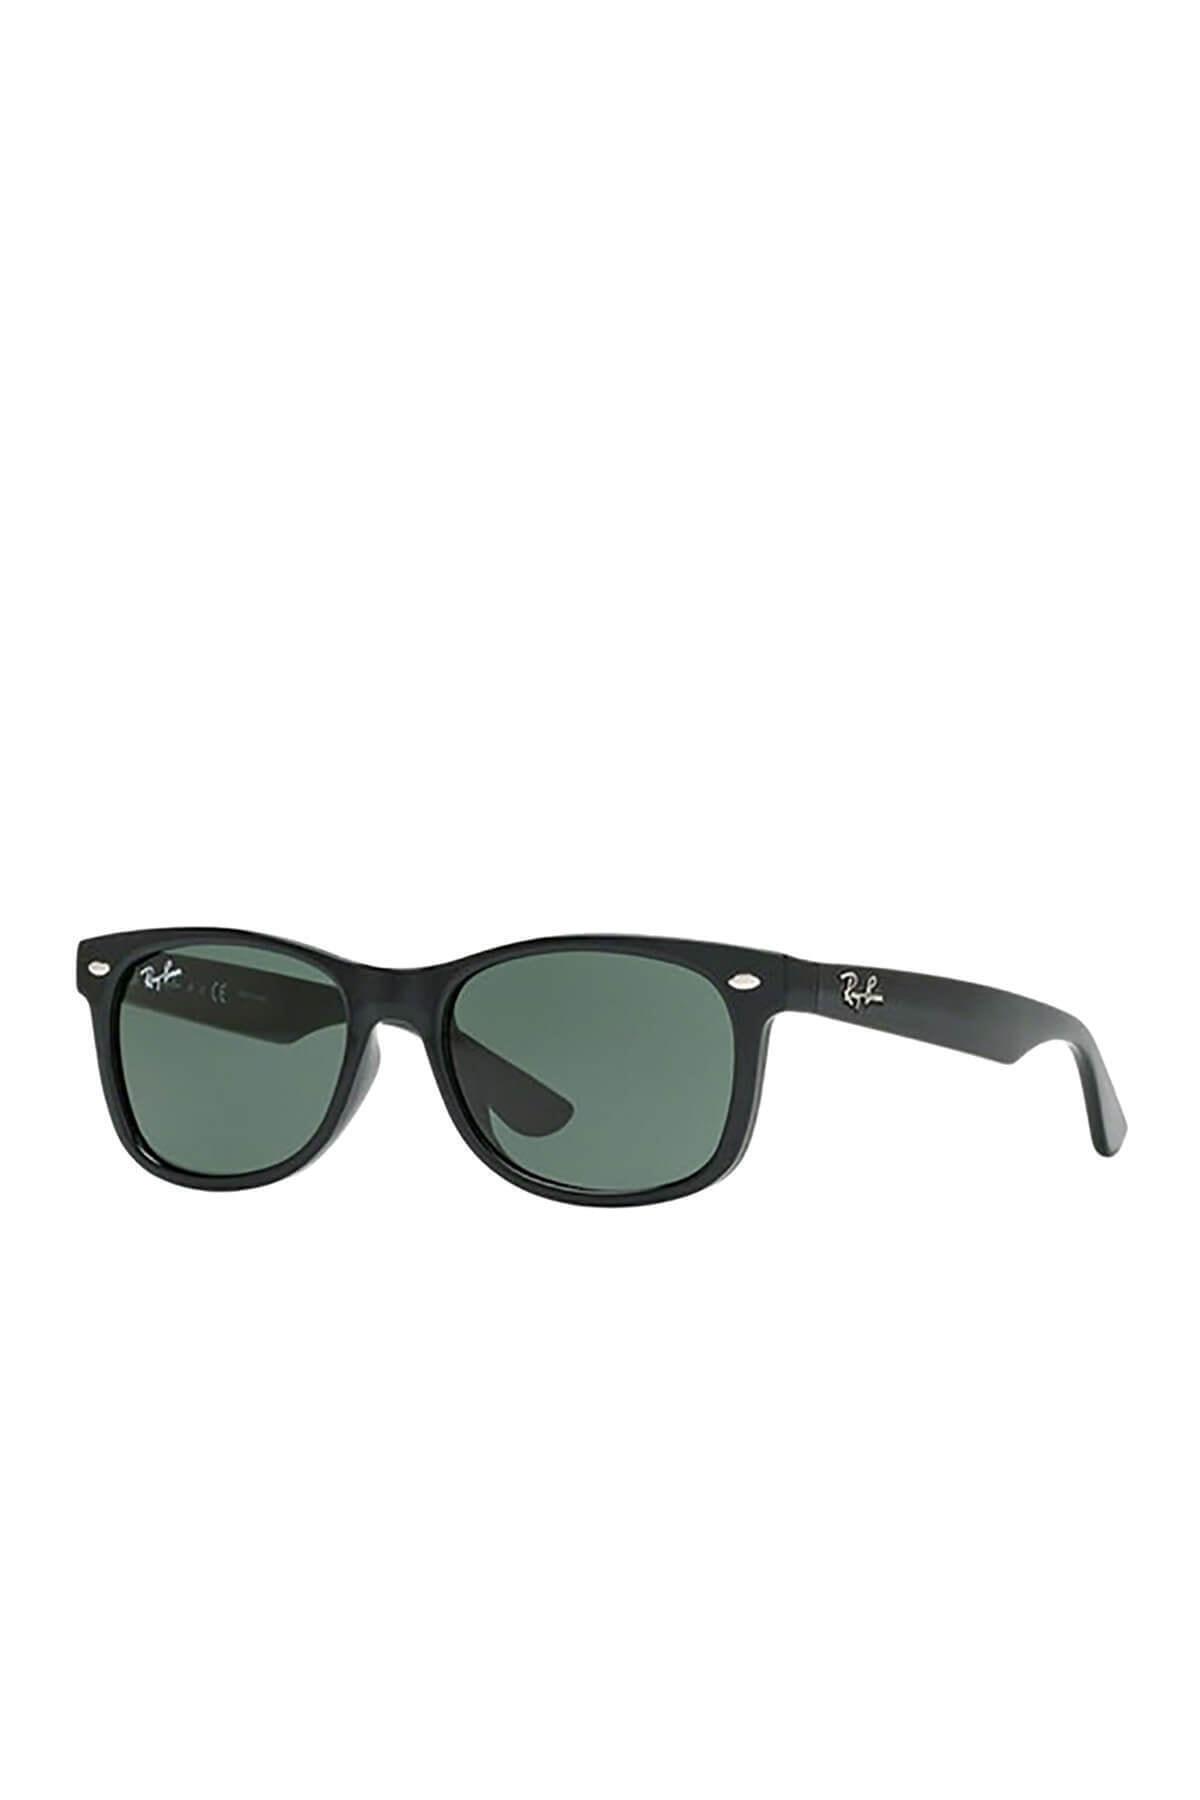 فروش عینک آفتابی بچه گانه دخترانه  برند ری بن رنگ مشکی کد ty3226978